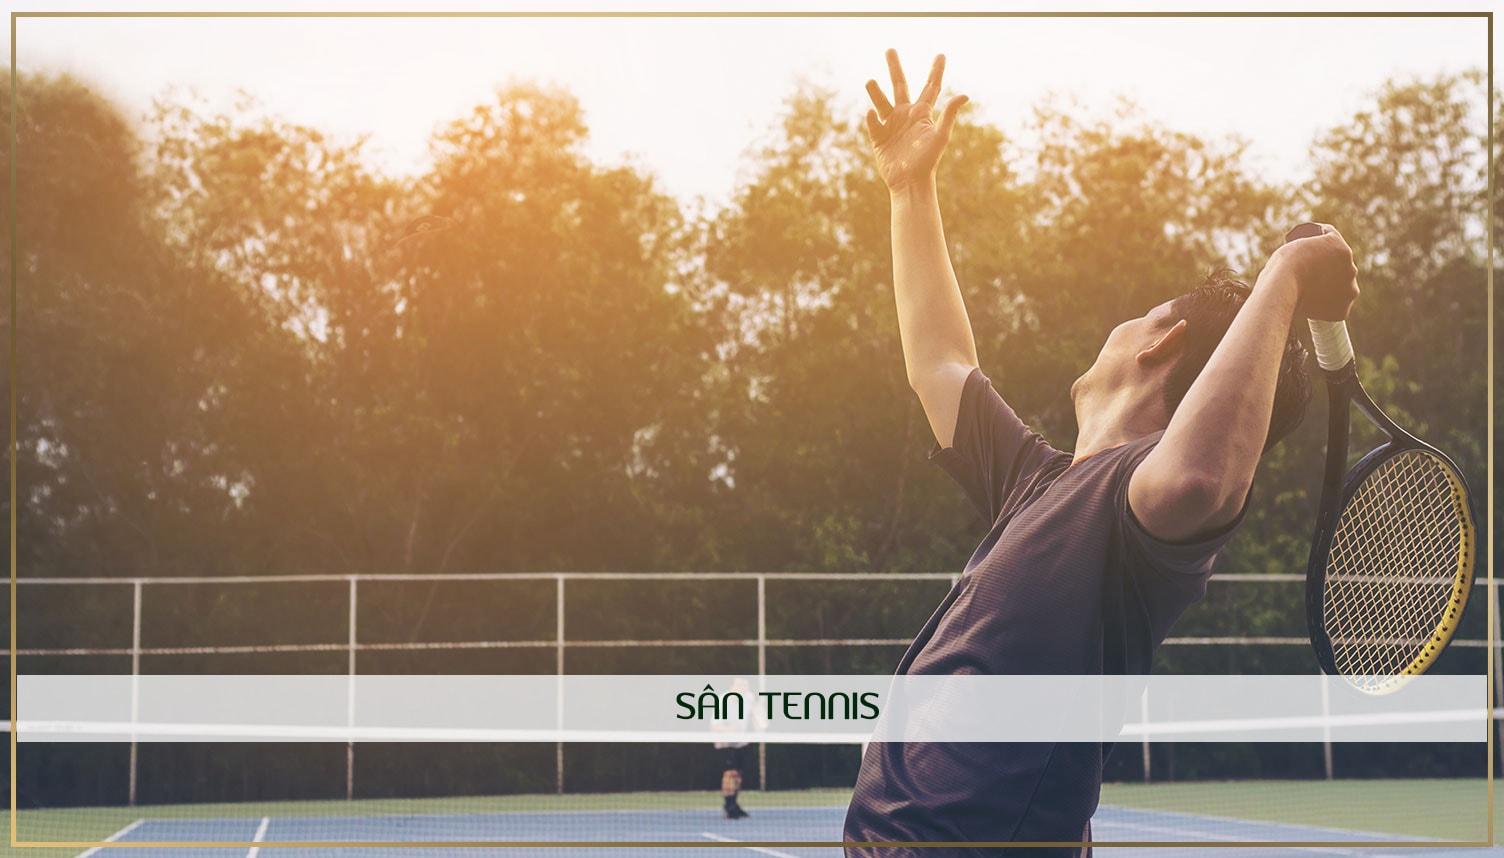 san-tennis-biet-thu-saigon-garden-siverside